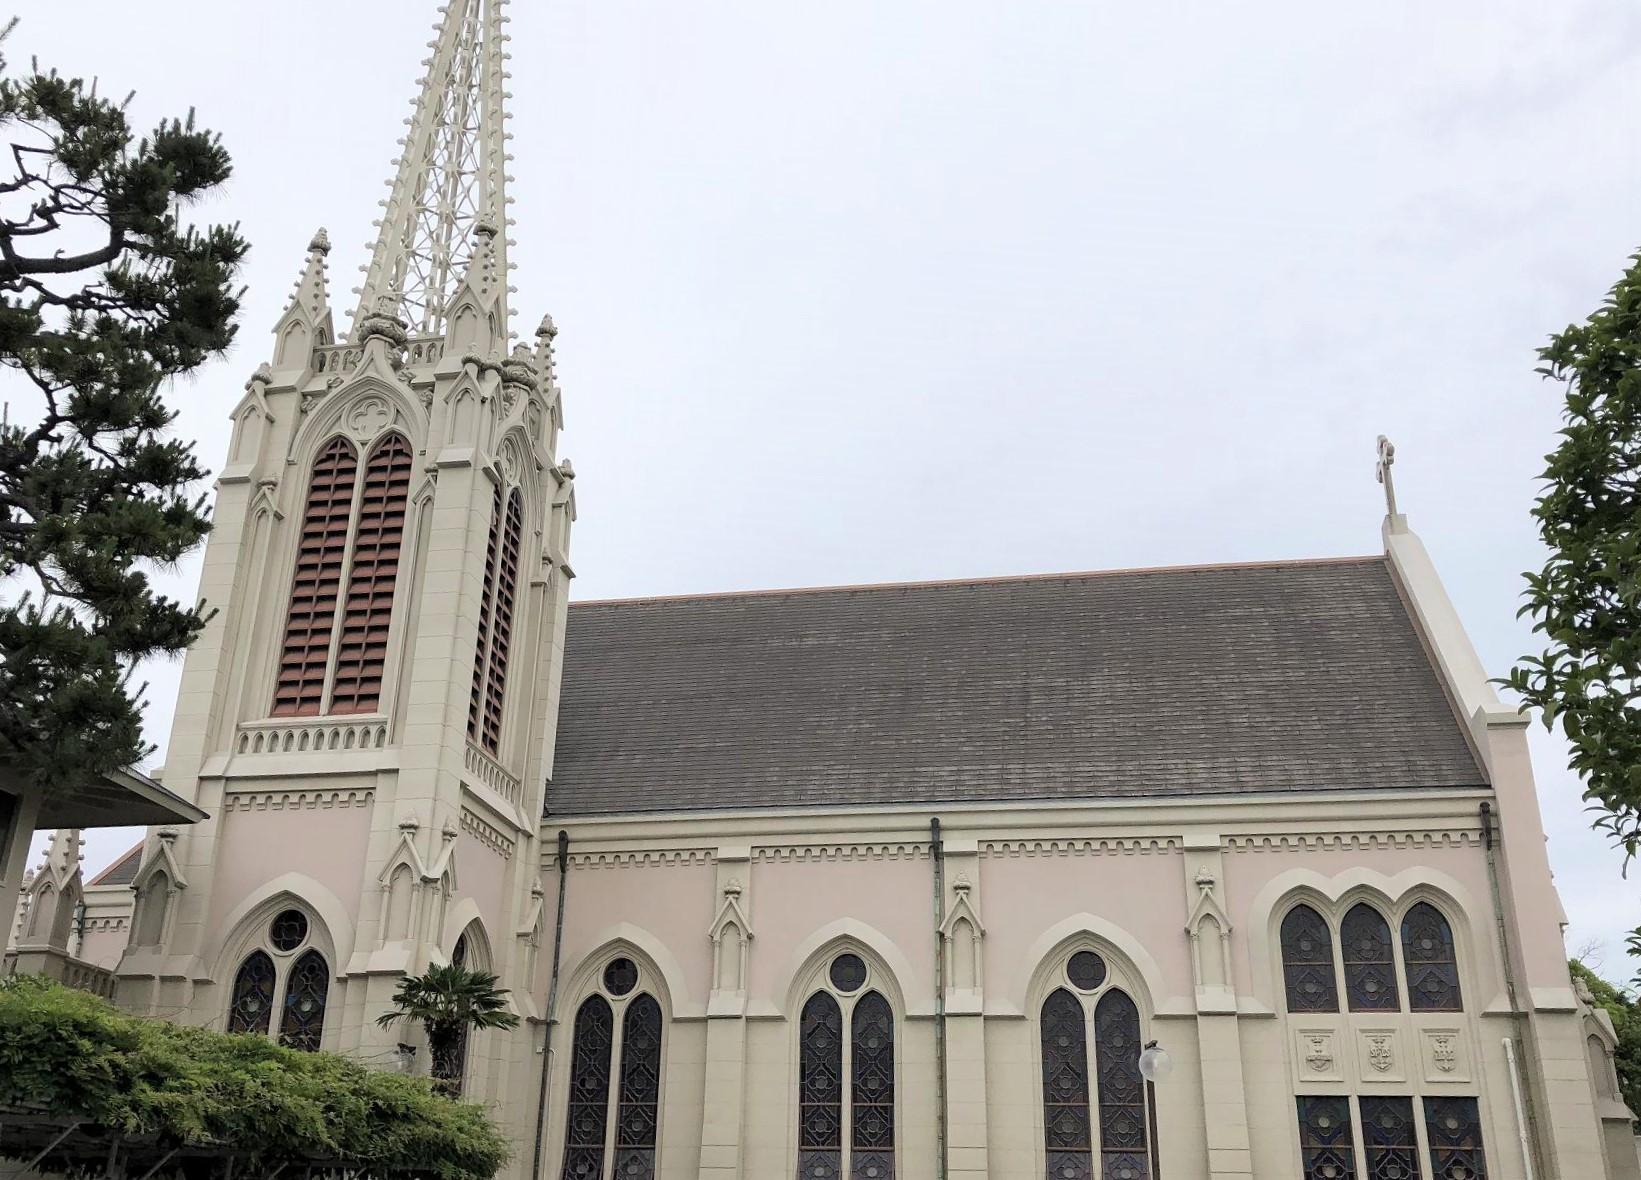 近代建築で有名な「カトリック夙川教会」を見学したよ! #カトリック夙川教会 #近代建築 #遠藤周作 #教会建築